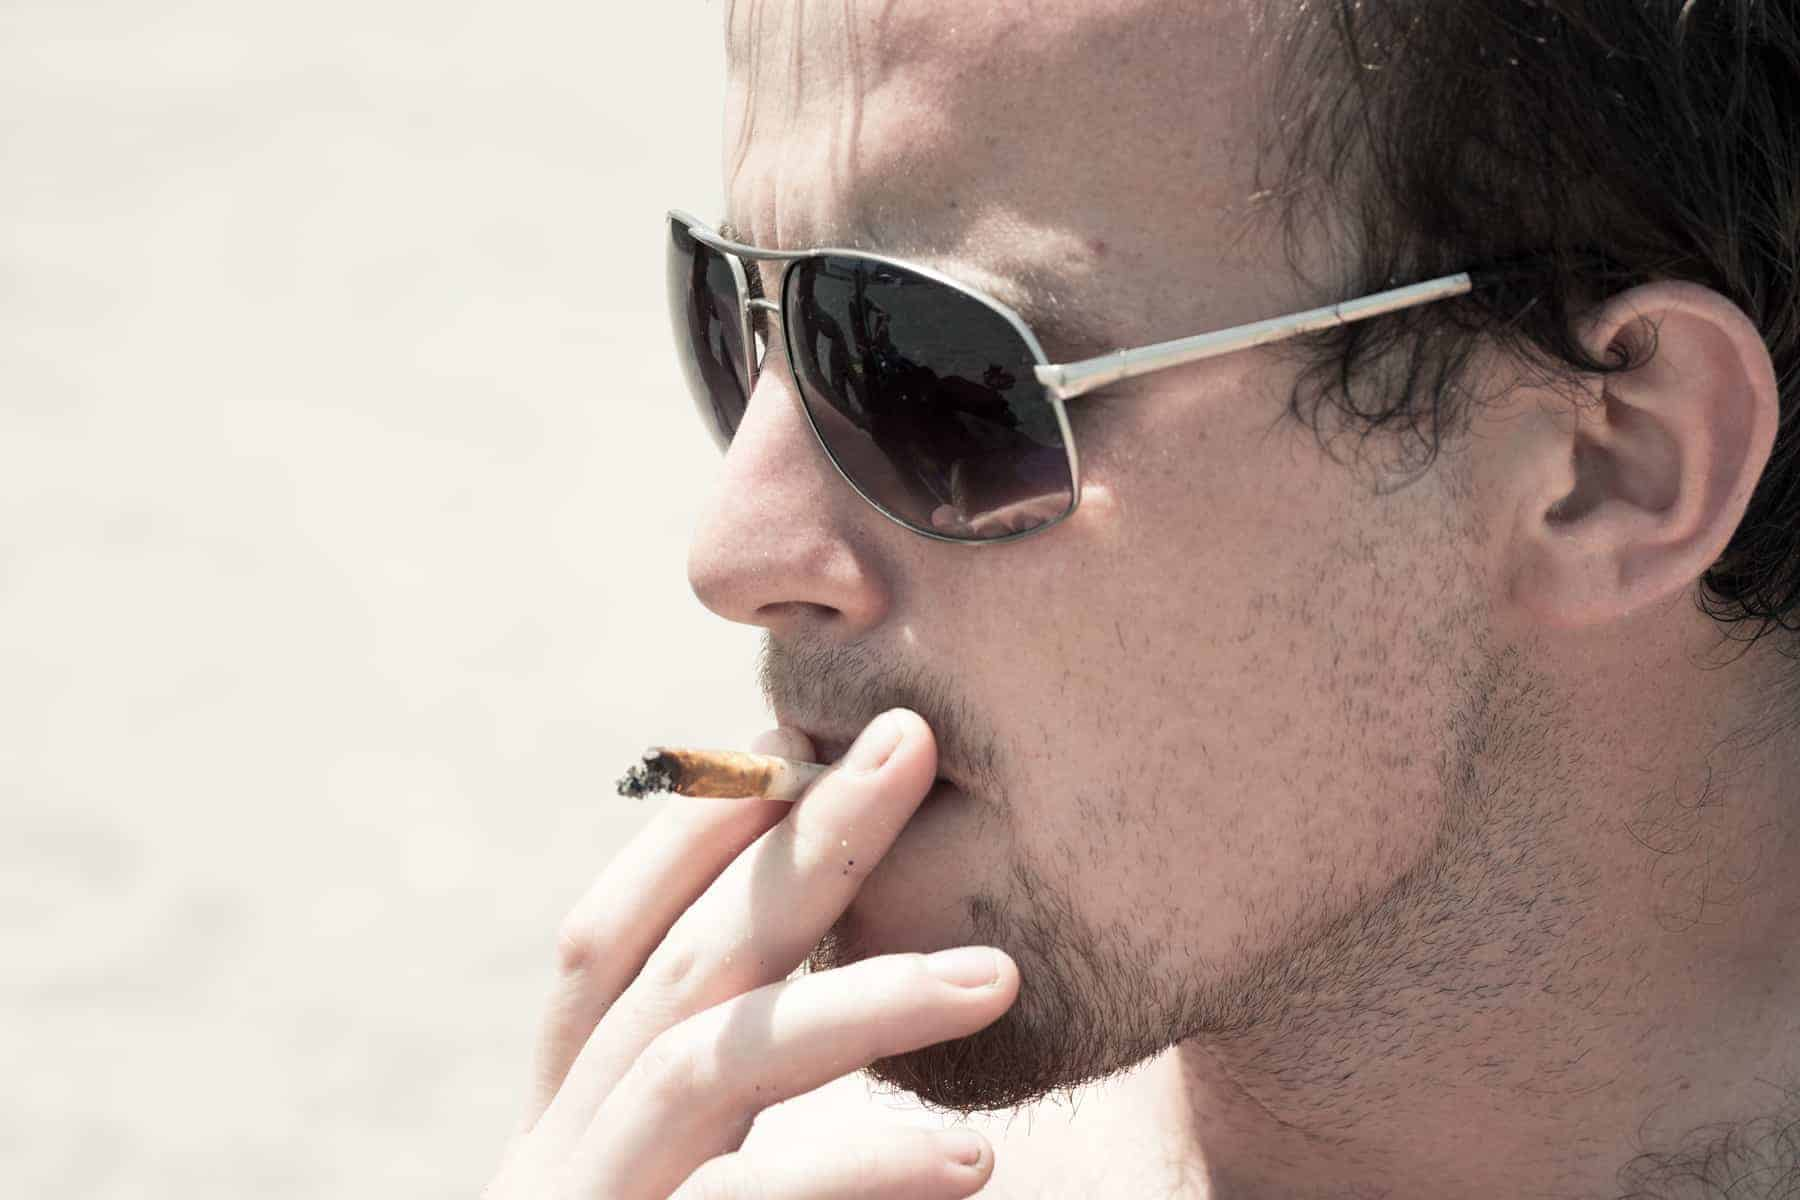 Man-smoking